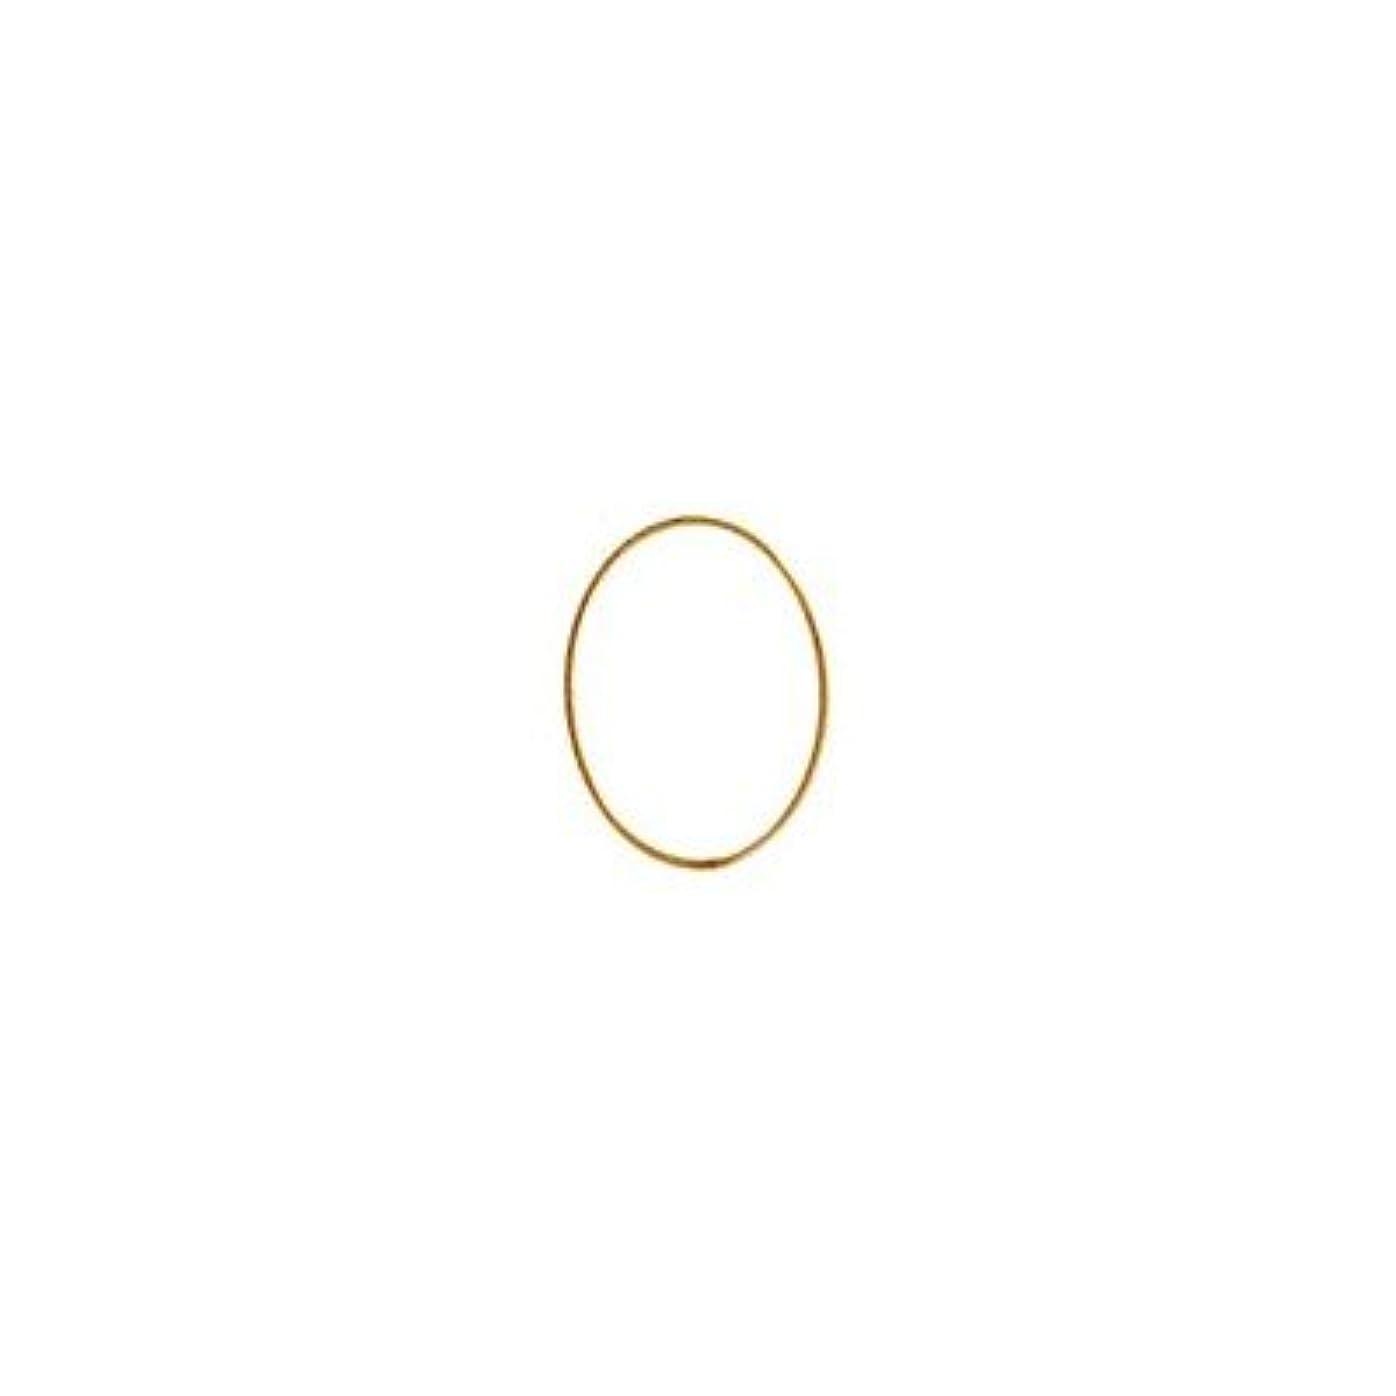 アカデミーむき出し医薬品シャレドワミュゼ BLC ブローチ オーバル 7×5mm ゴールド 10p